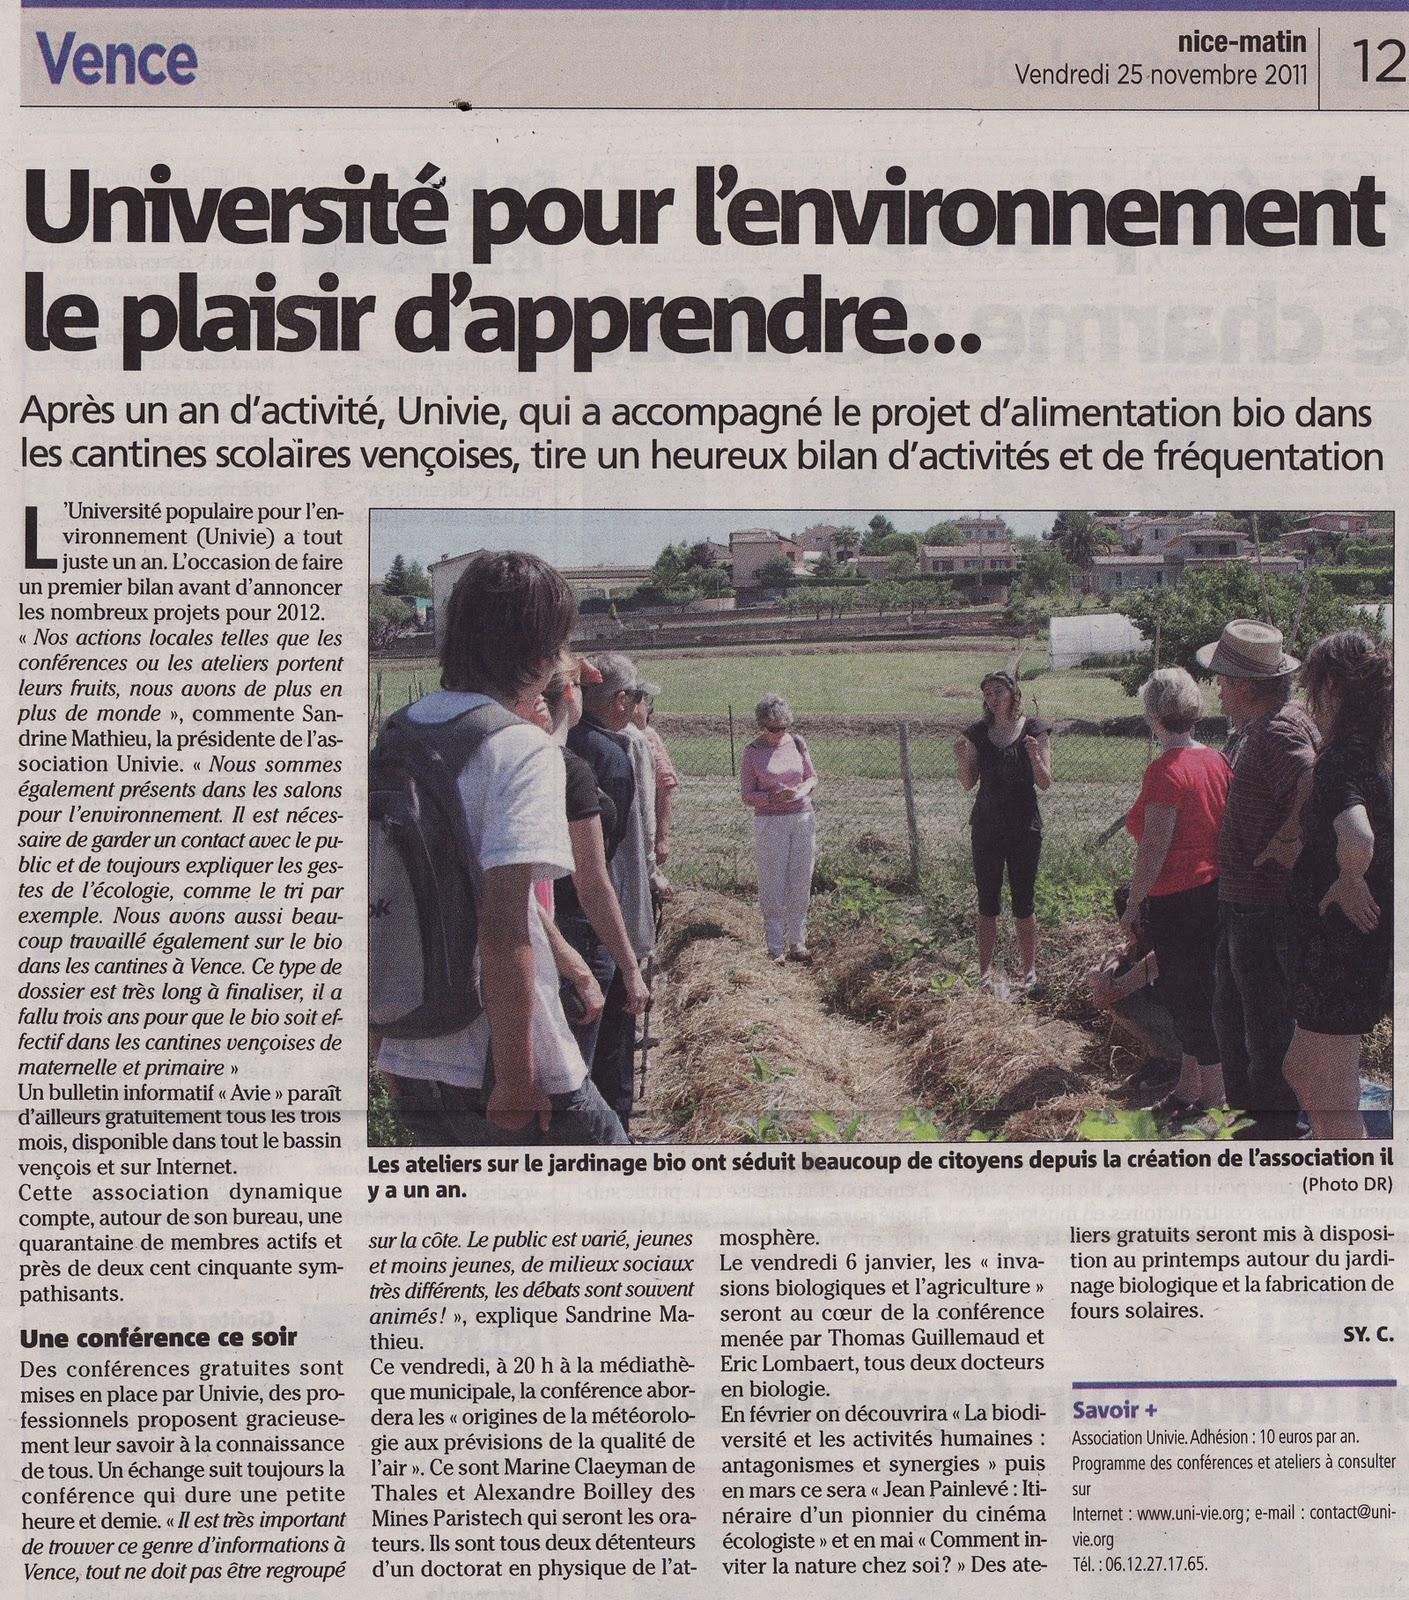 Article dans Nice Matin sur UNI-VIE (numéro du vendredi 25 novembre 2011, pages de Vence)